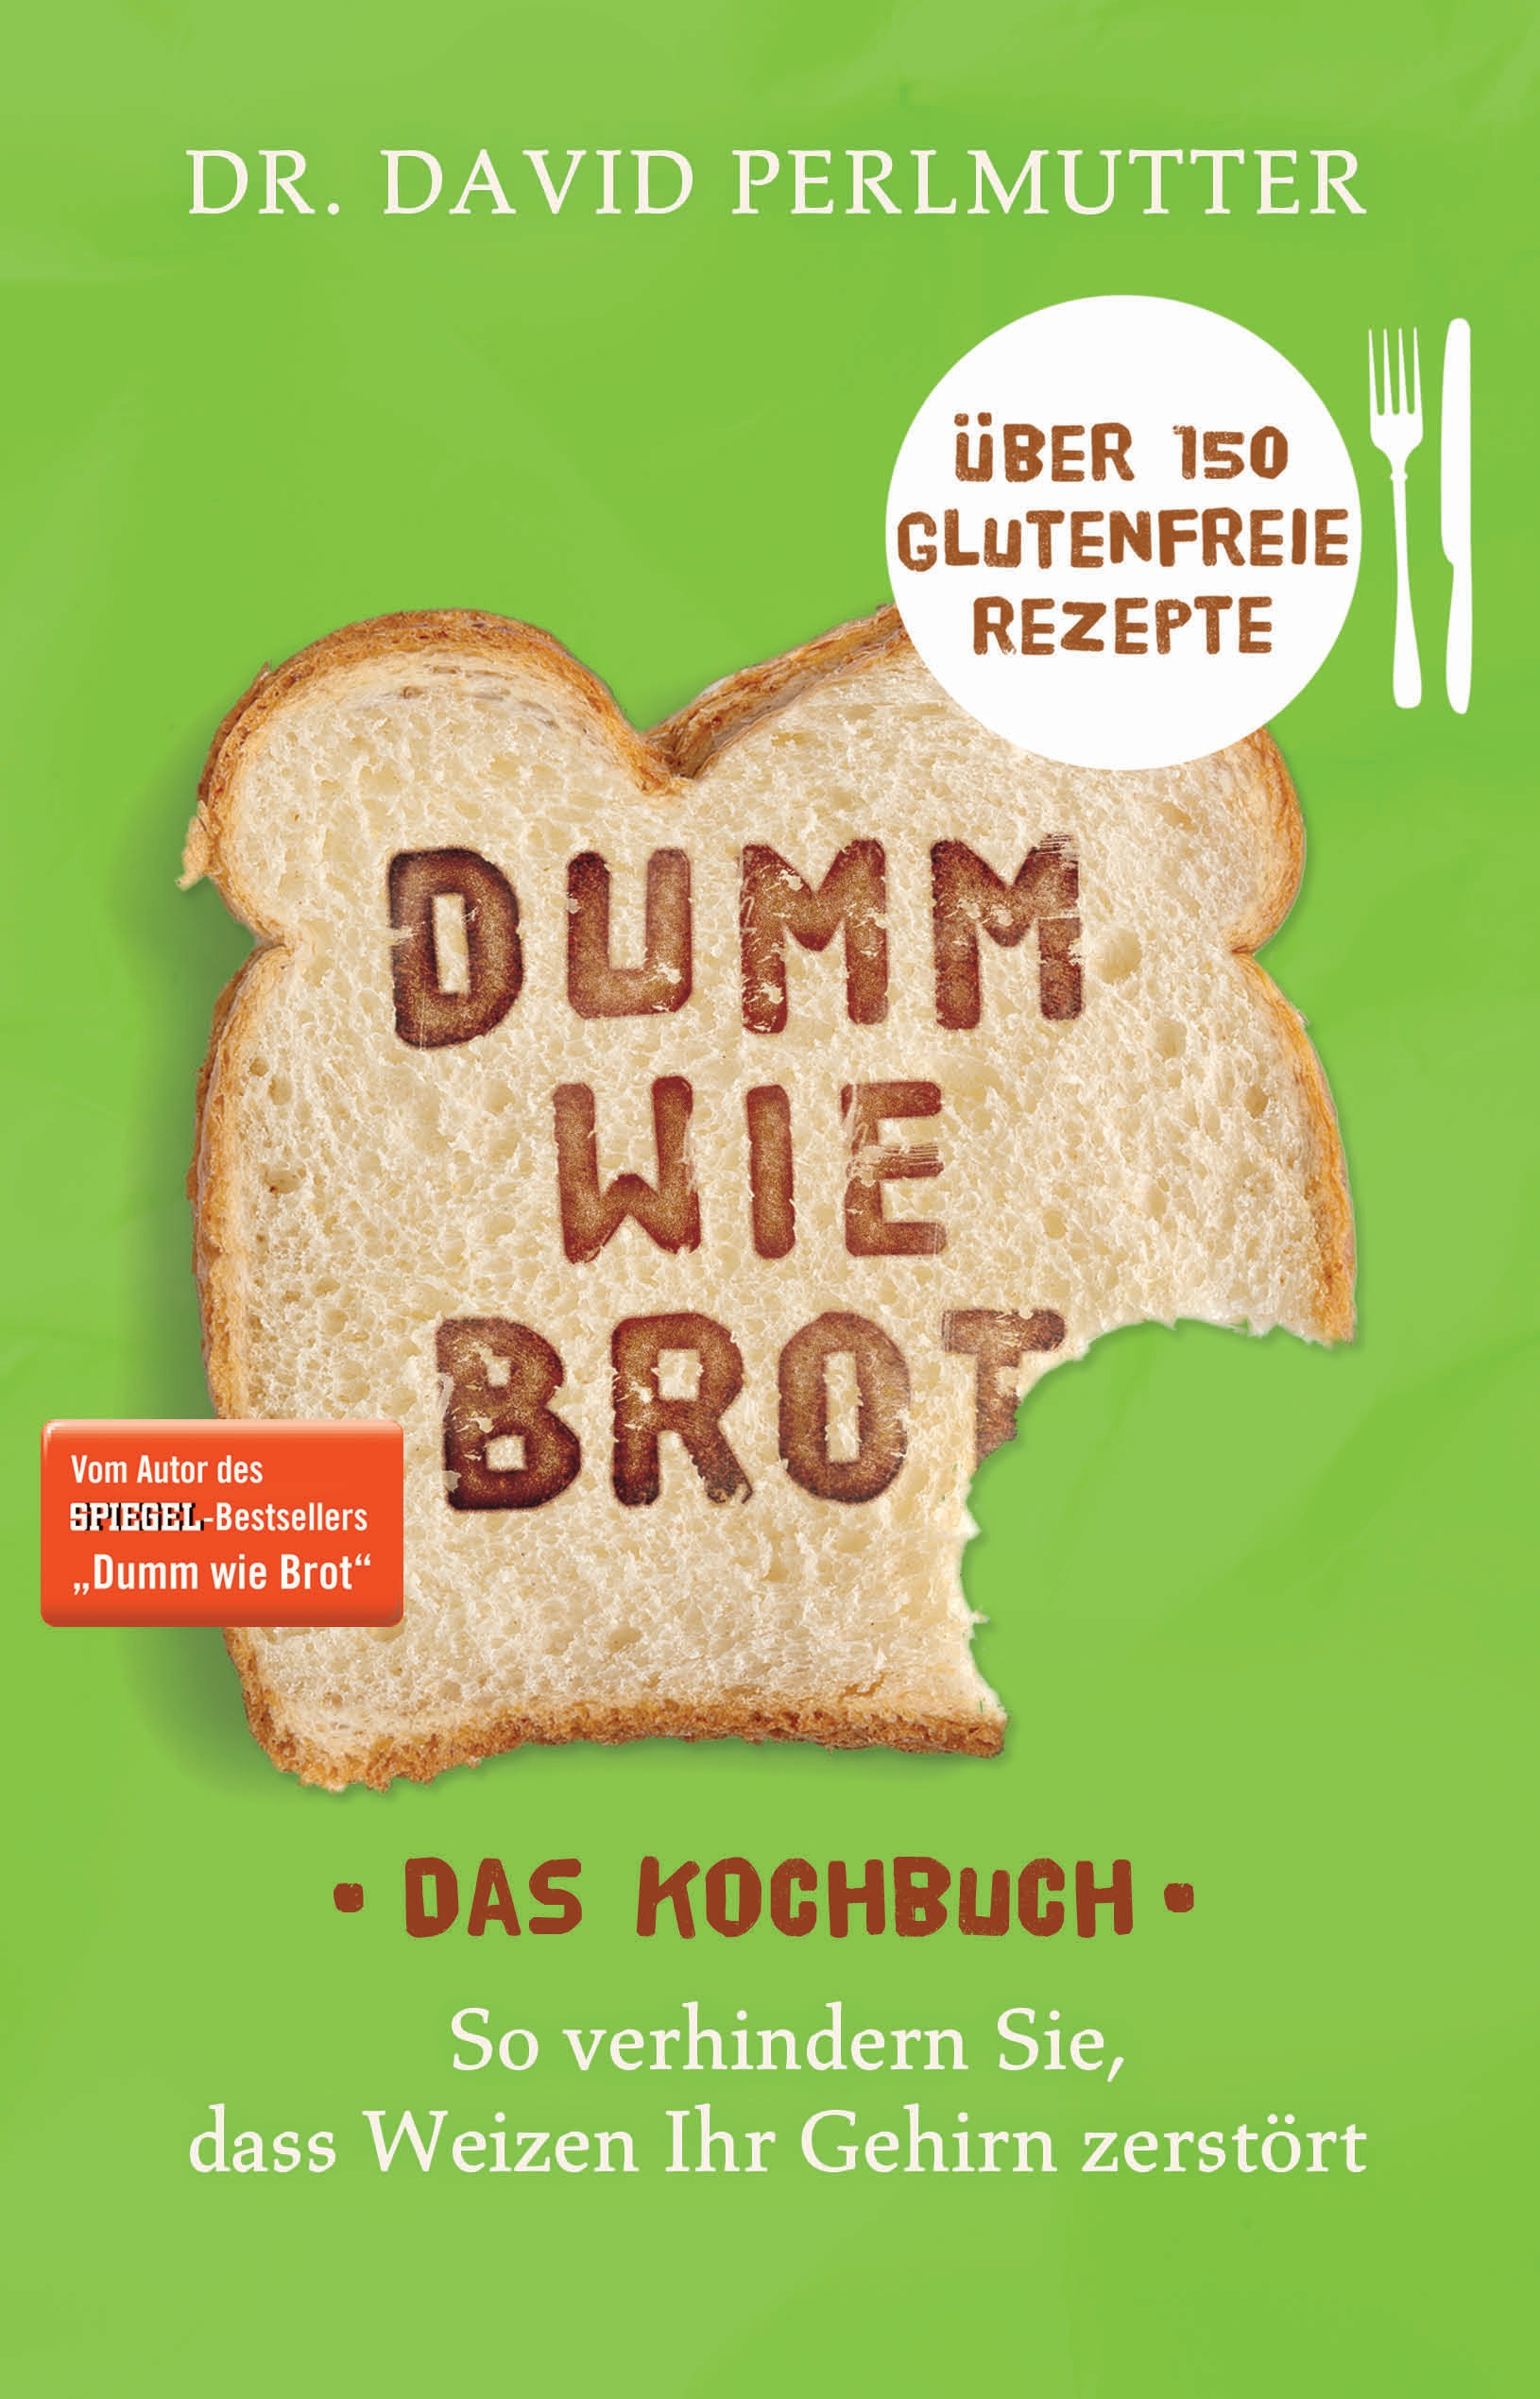 Dumm wie Brot - Das Kochbuch: So verhindern Sie, dass Weizen Ihr Gehirn zerstört - Über 150 glutenfreie Rezepte - Dr. Da